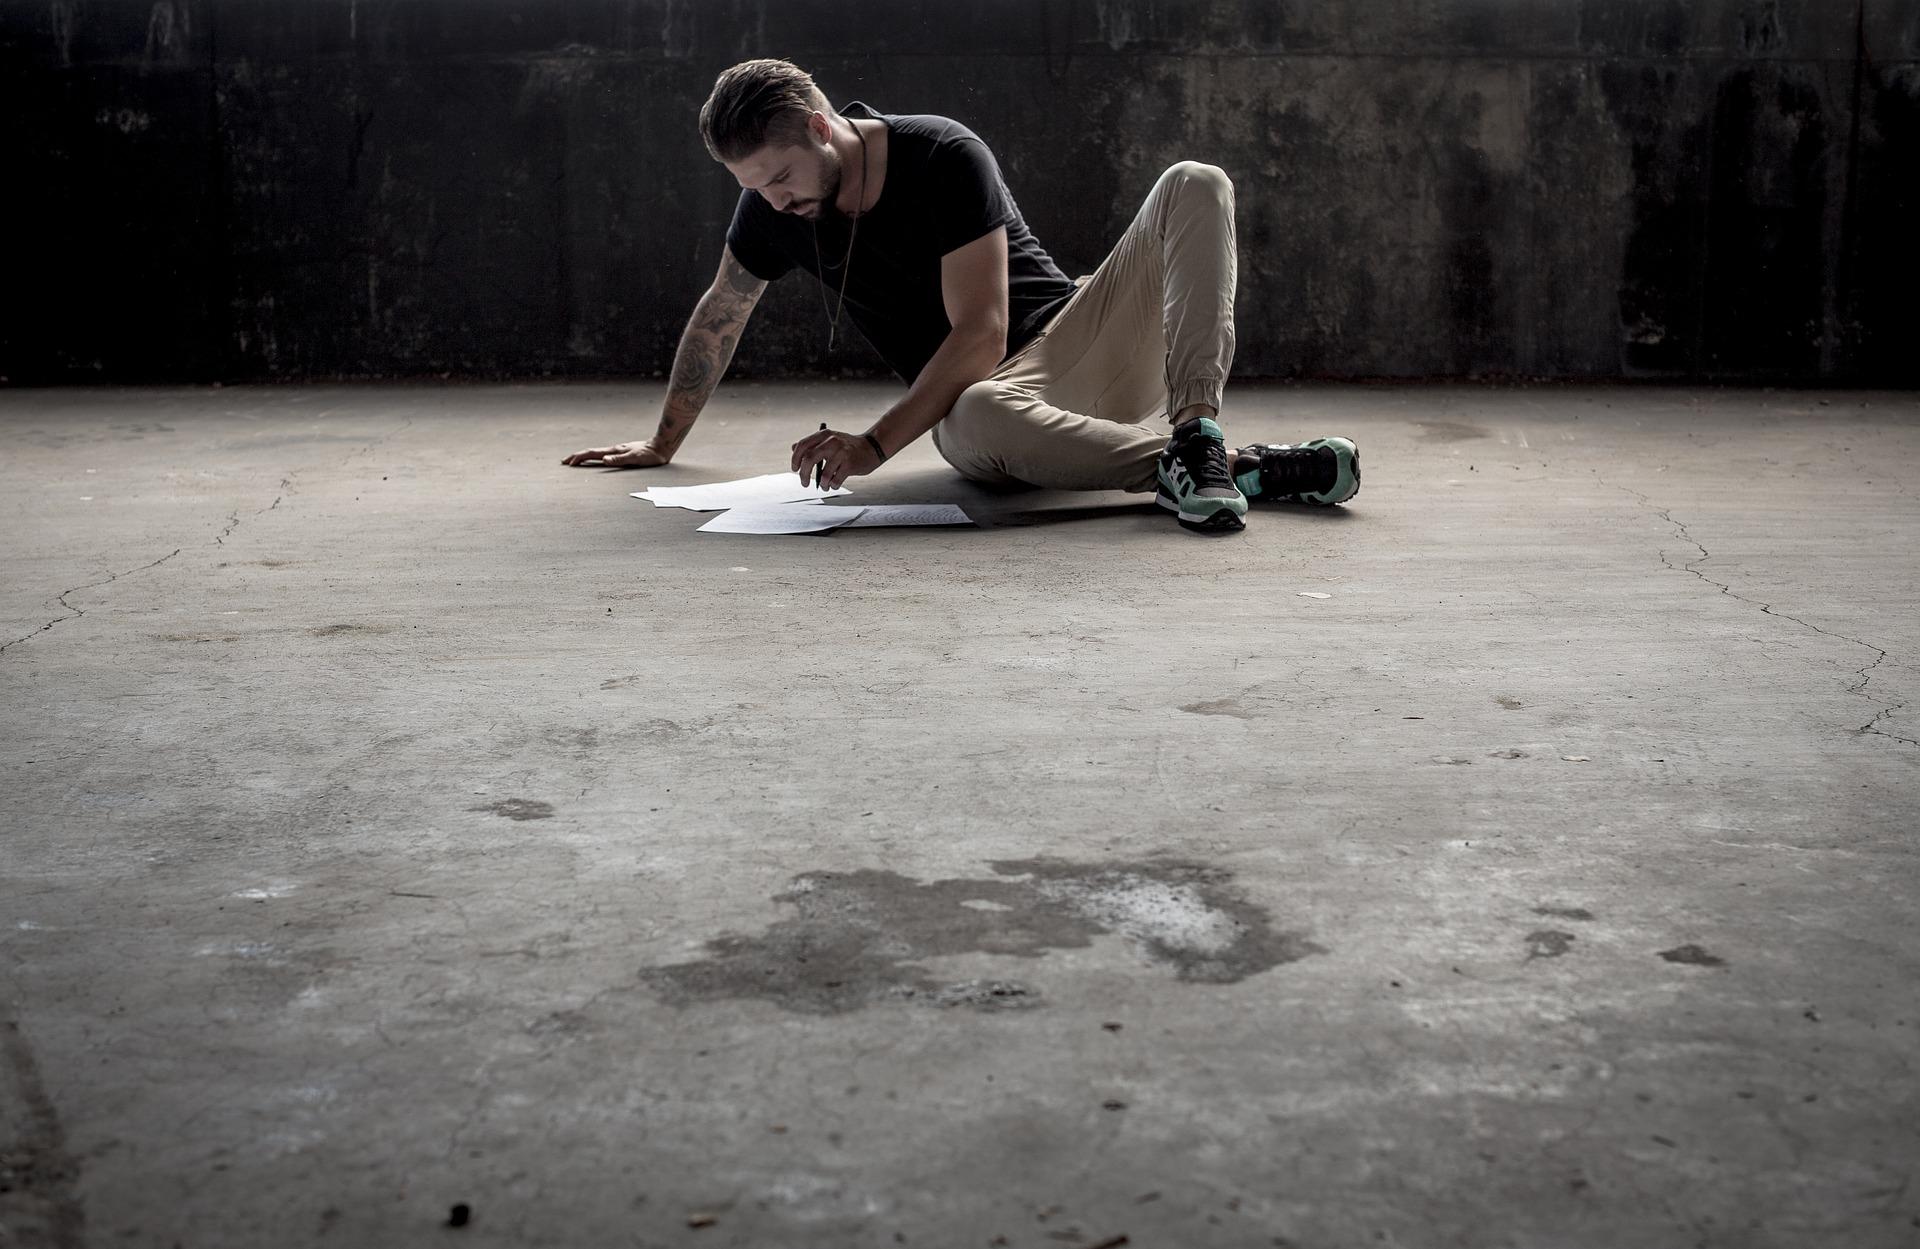 marc-miro-transformacion--liderazgo-desarrollo-personal-coaching-metas-exito-blog-193